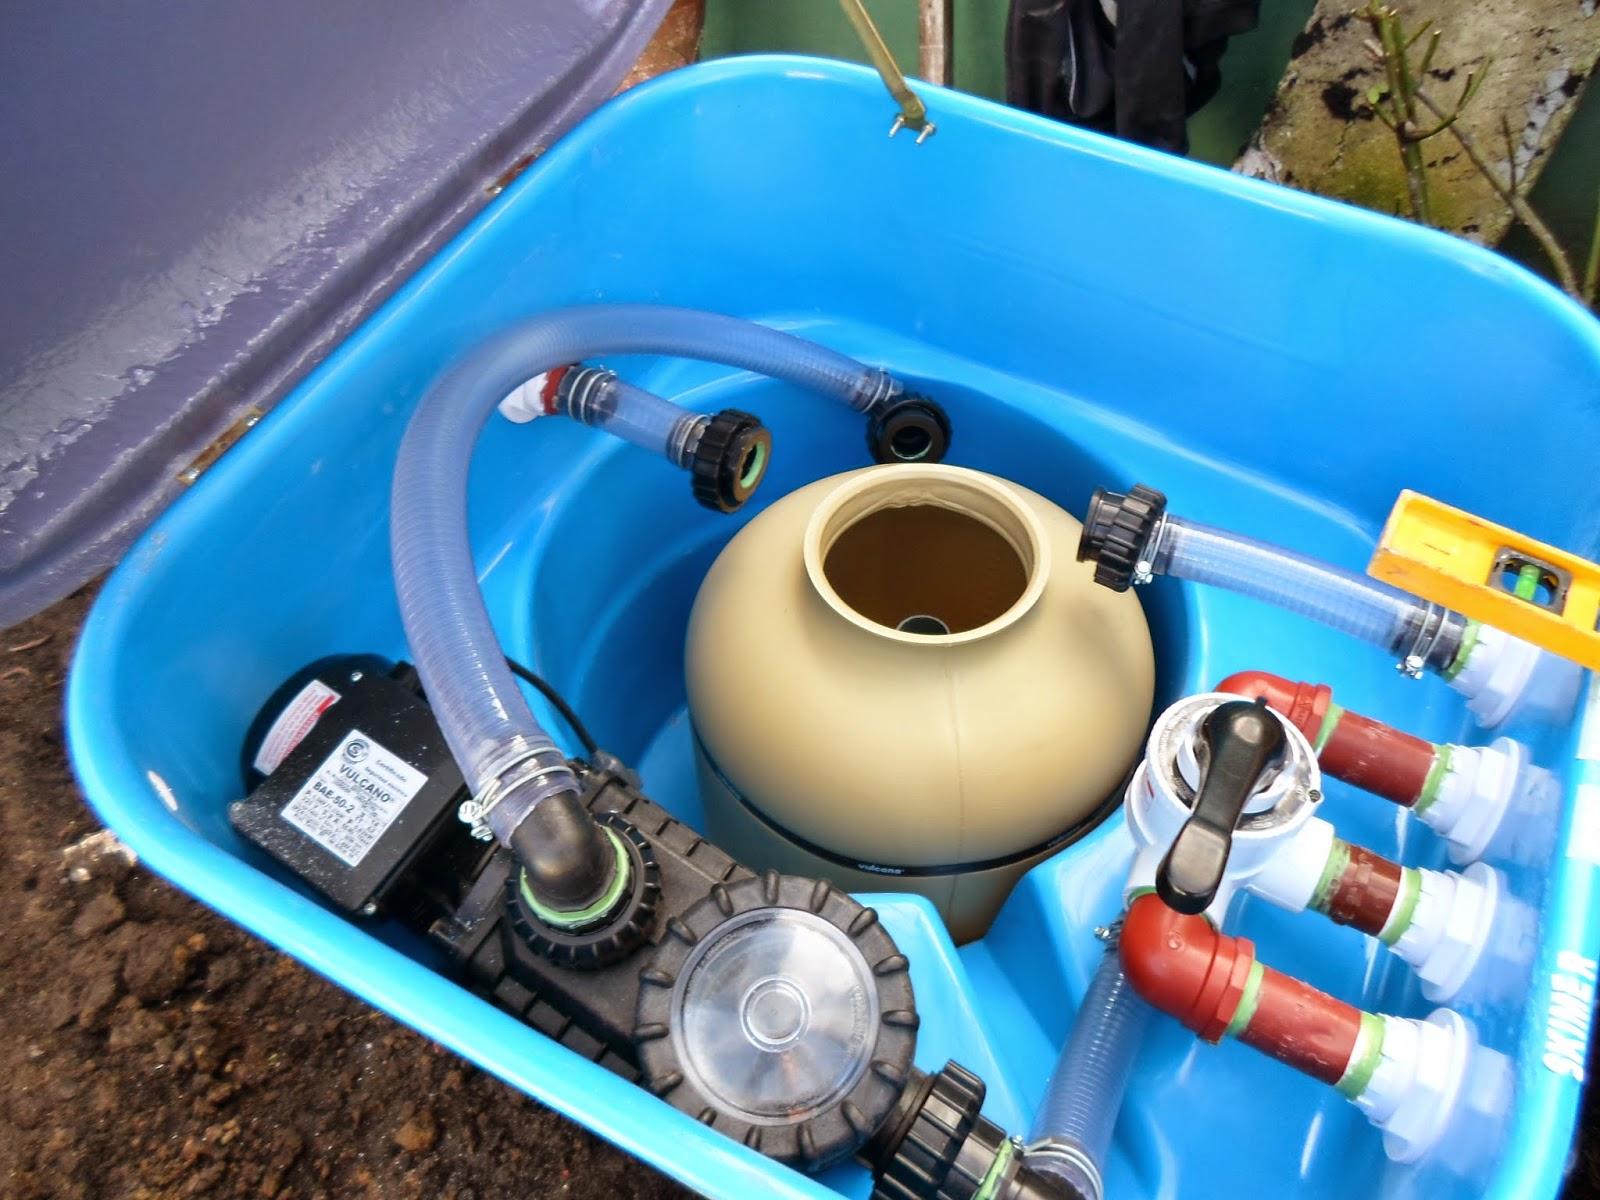 S e t servicios el ctricos tandil tableros el ctricos para motores piscina y luces led s e t - Motores de piscina ...